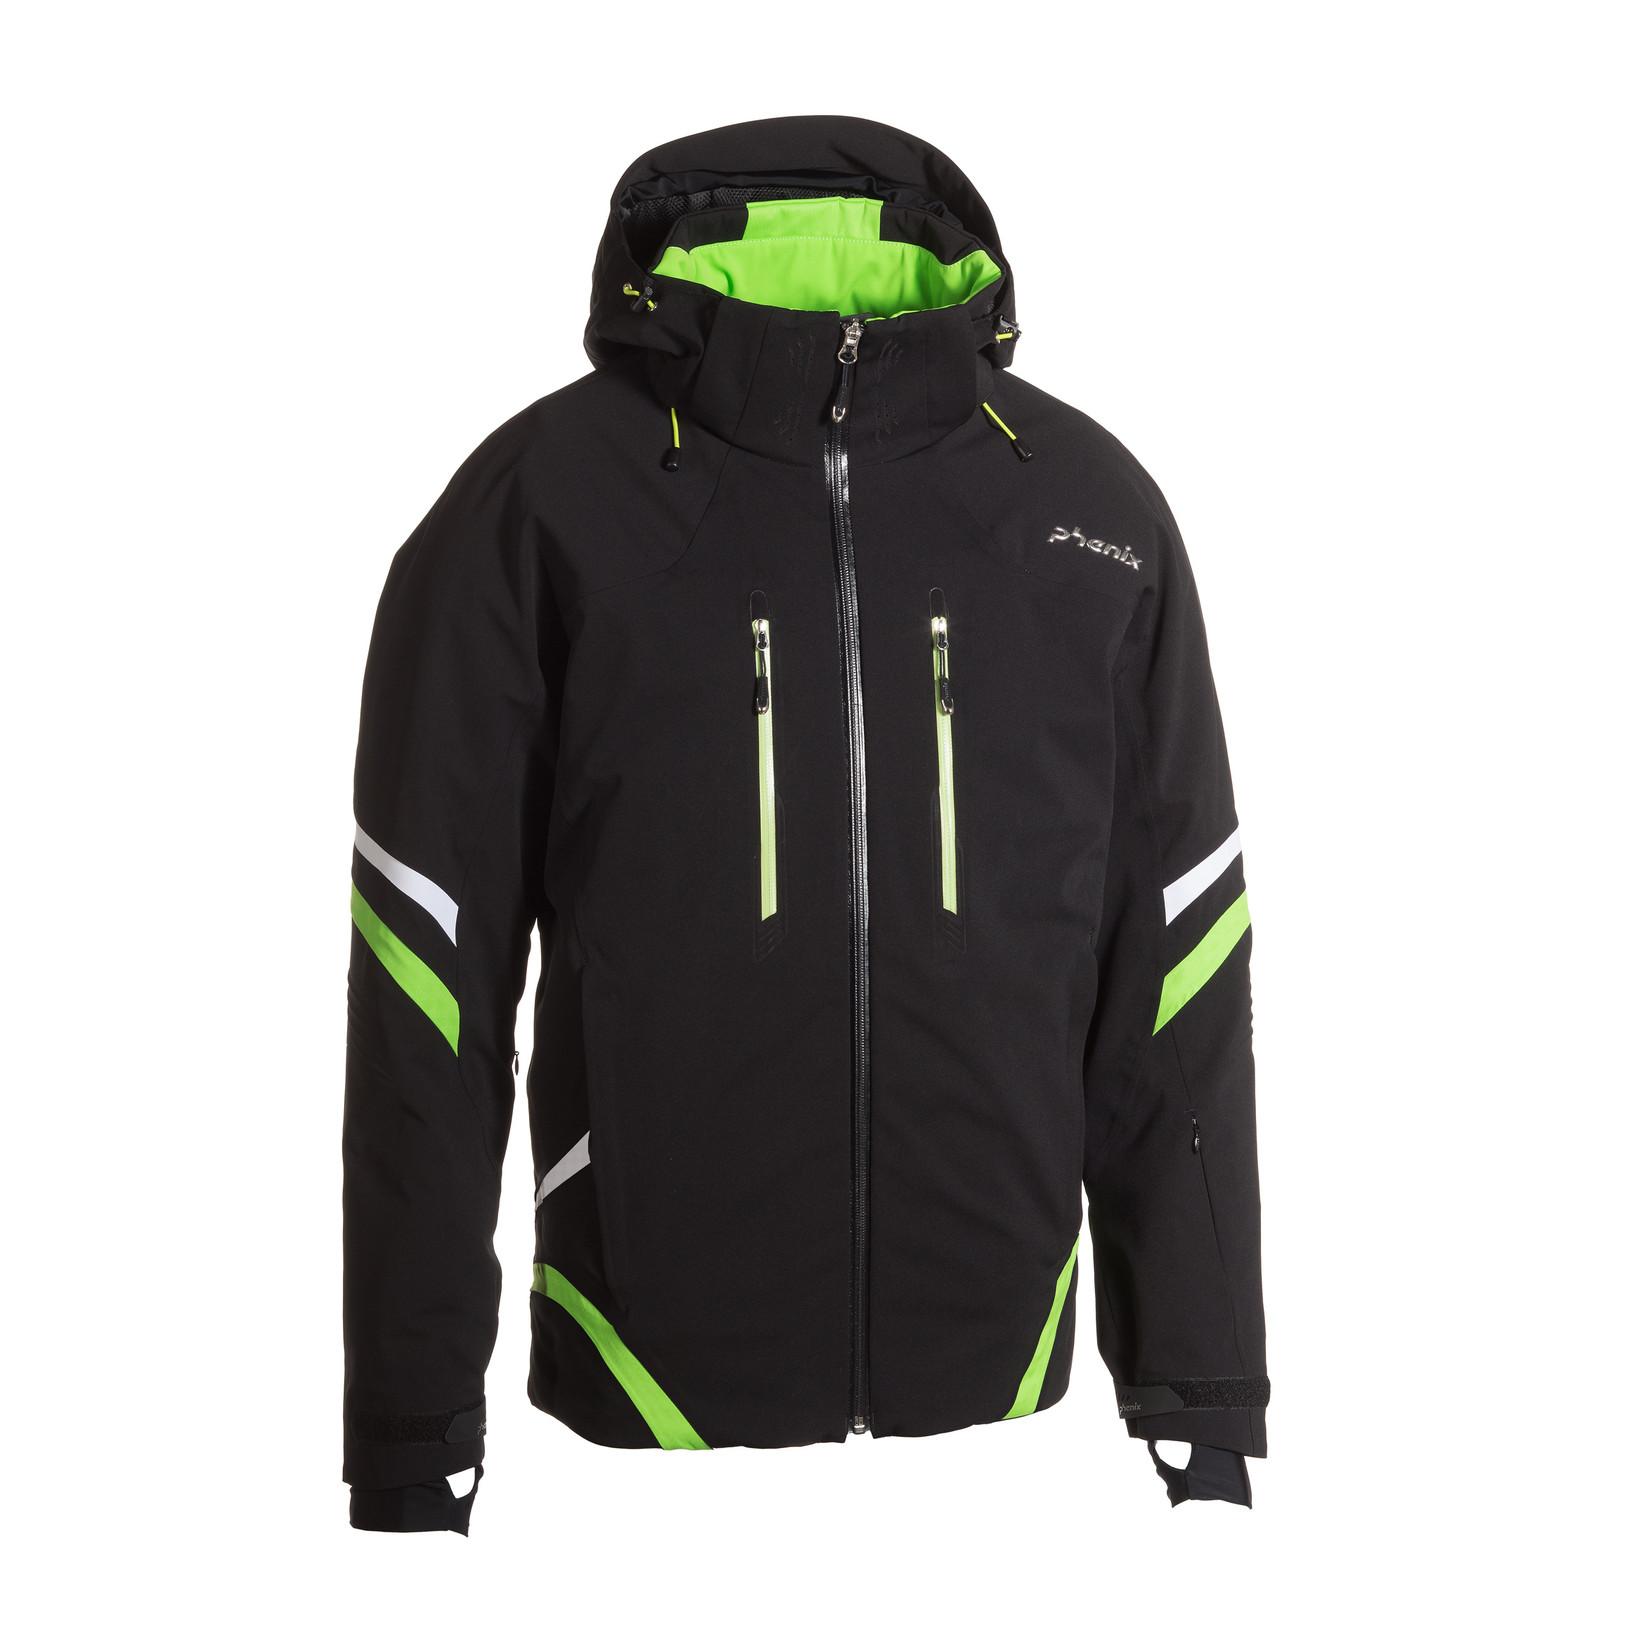 PHENIX Hardanger Jacket